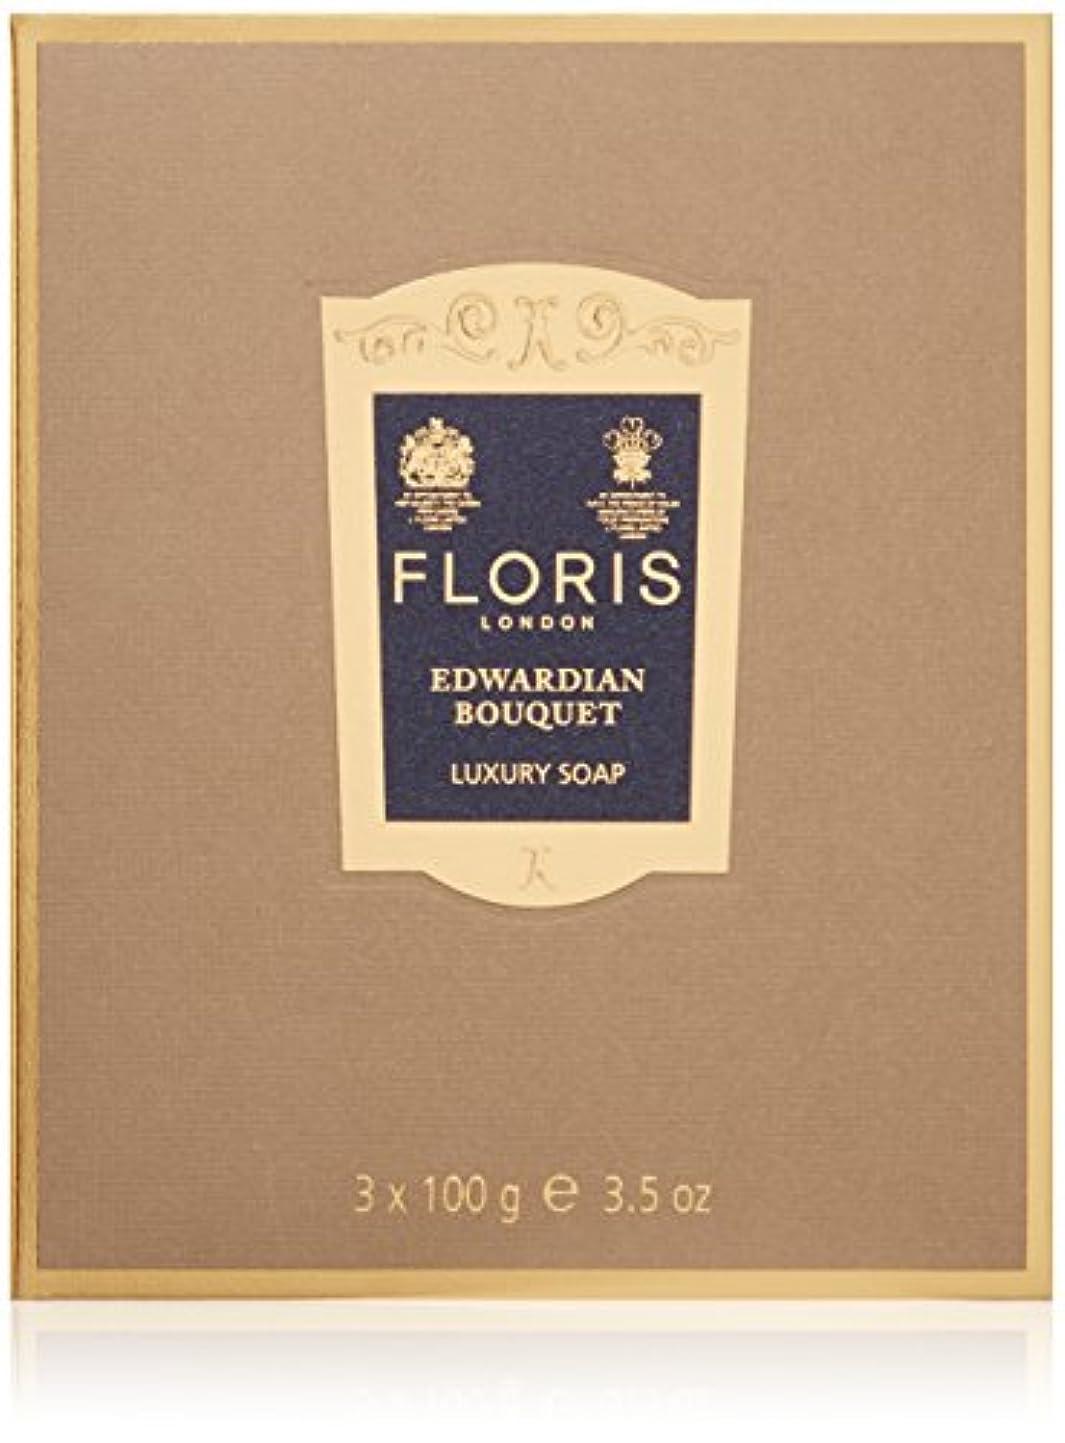 採用するロマンチック植生フローリス ラグジュアリーソープEB(エドワードブーケ)3x100g/3.5oz